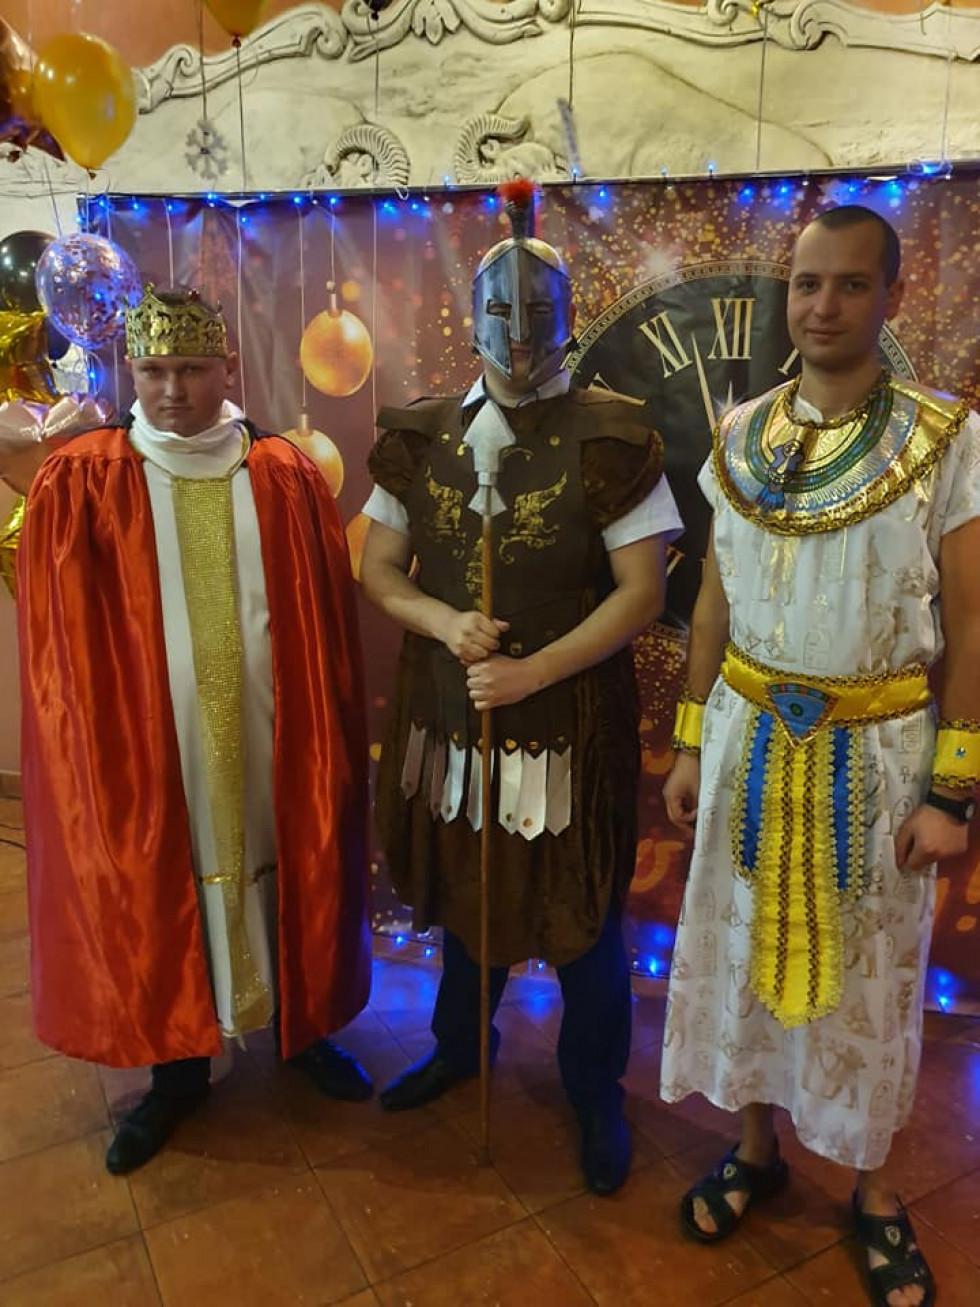 Царі та боги: луцькі муніципали креативно відгуляли корпоратив